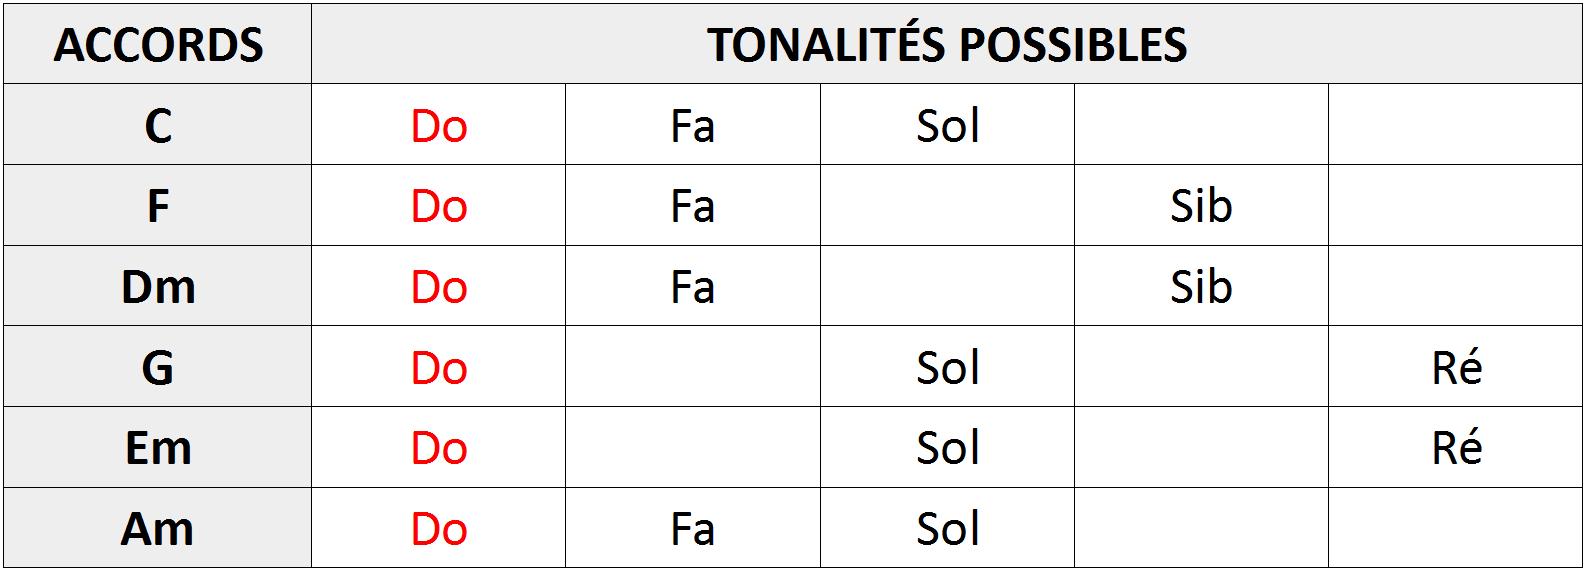 Tableau récapitulatif des tonalités compatibles avec les accords de la grille